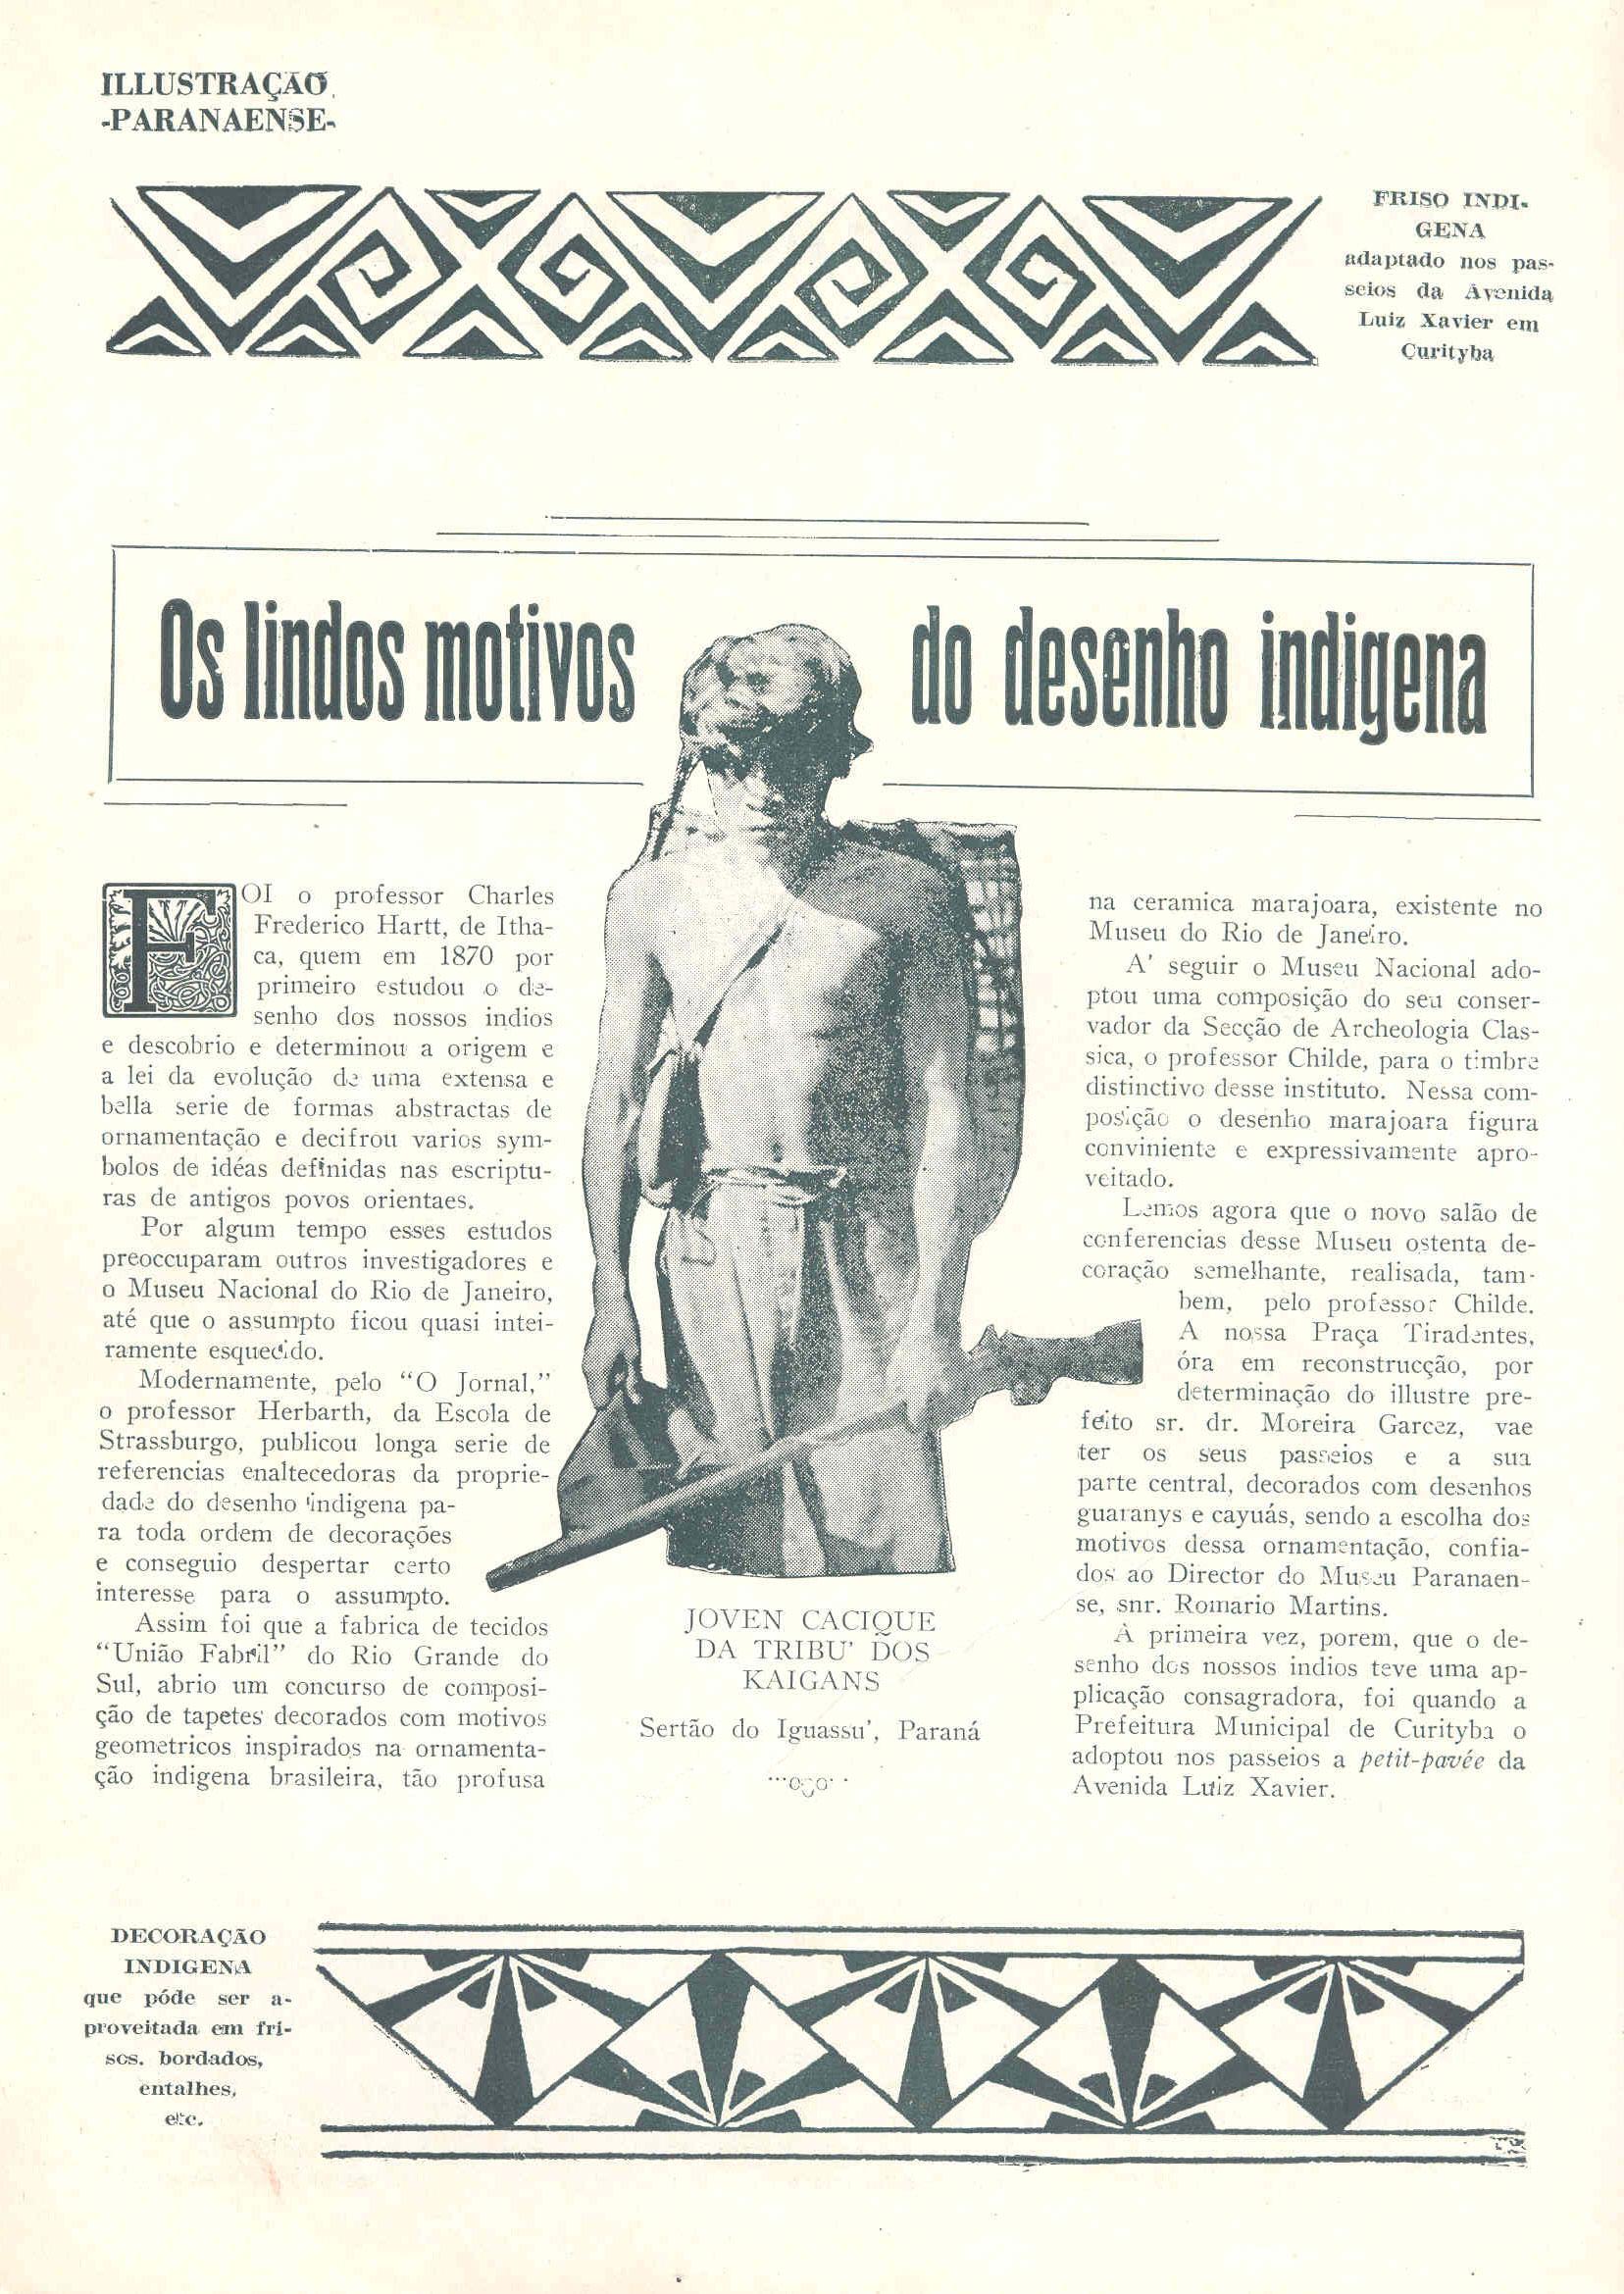 Matéria da Revista Illustração Paranaense, de 1928, sobre o novo desenho para as calçadas de Curitiba, de inspiração indígena, que foi colocado na Praça Osório.